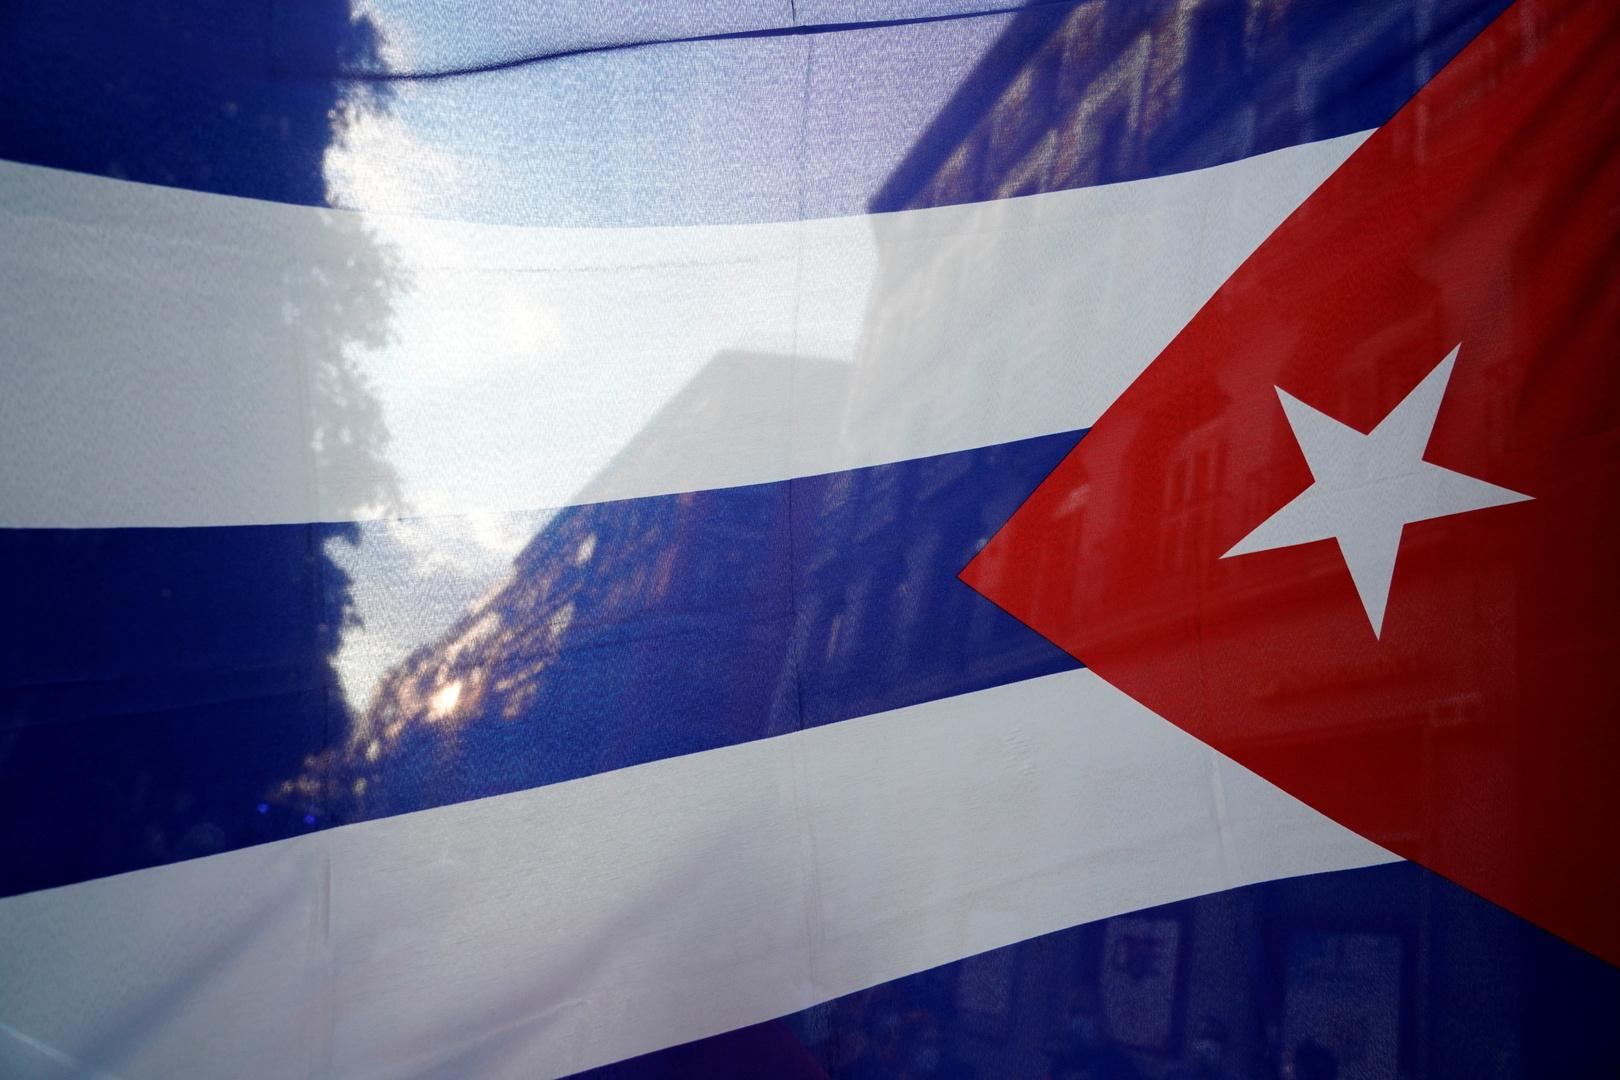 فرنسا تندد بالهجوم على السفارة الكوبية لديها